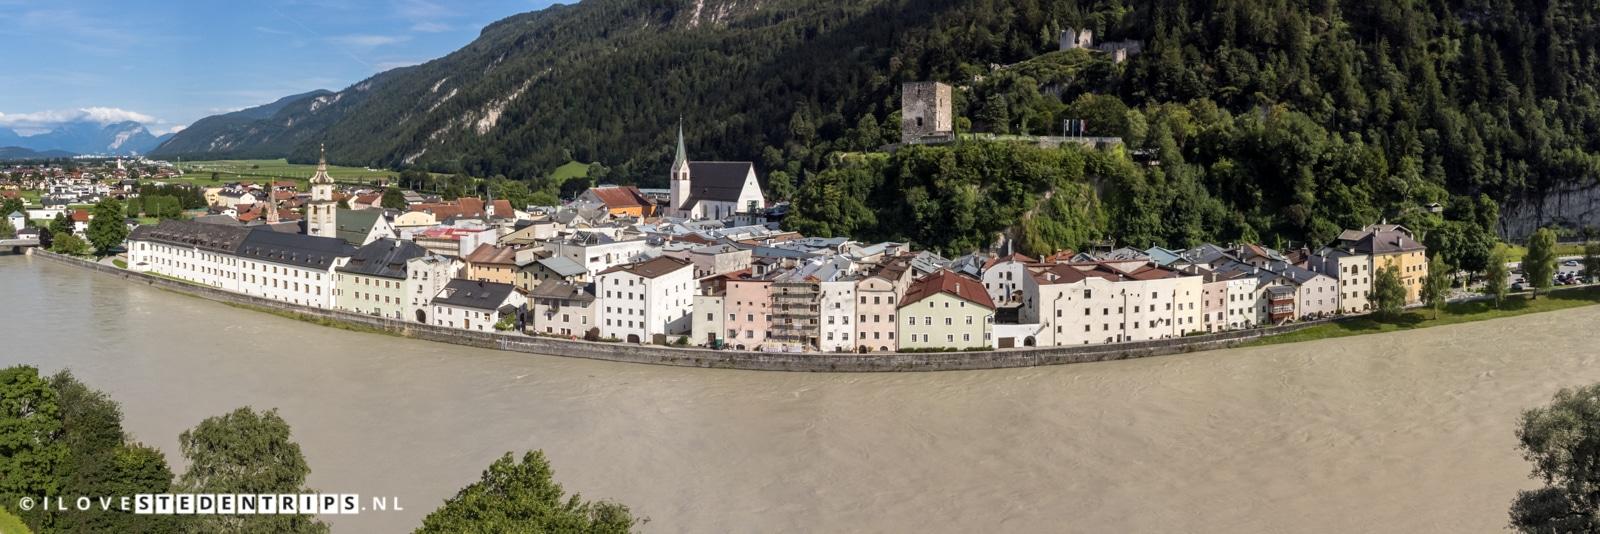 Rattenberg Oostenrijk in Tirol